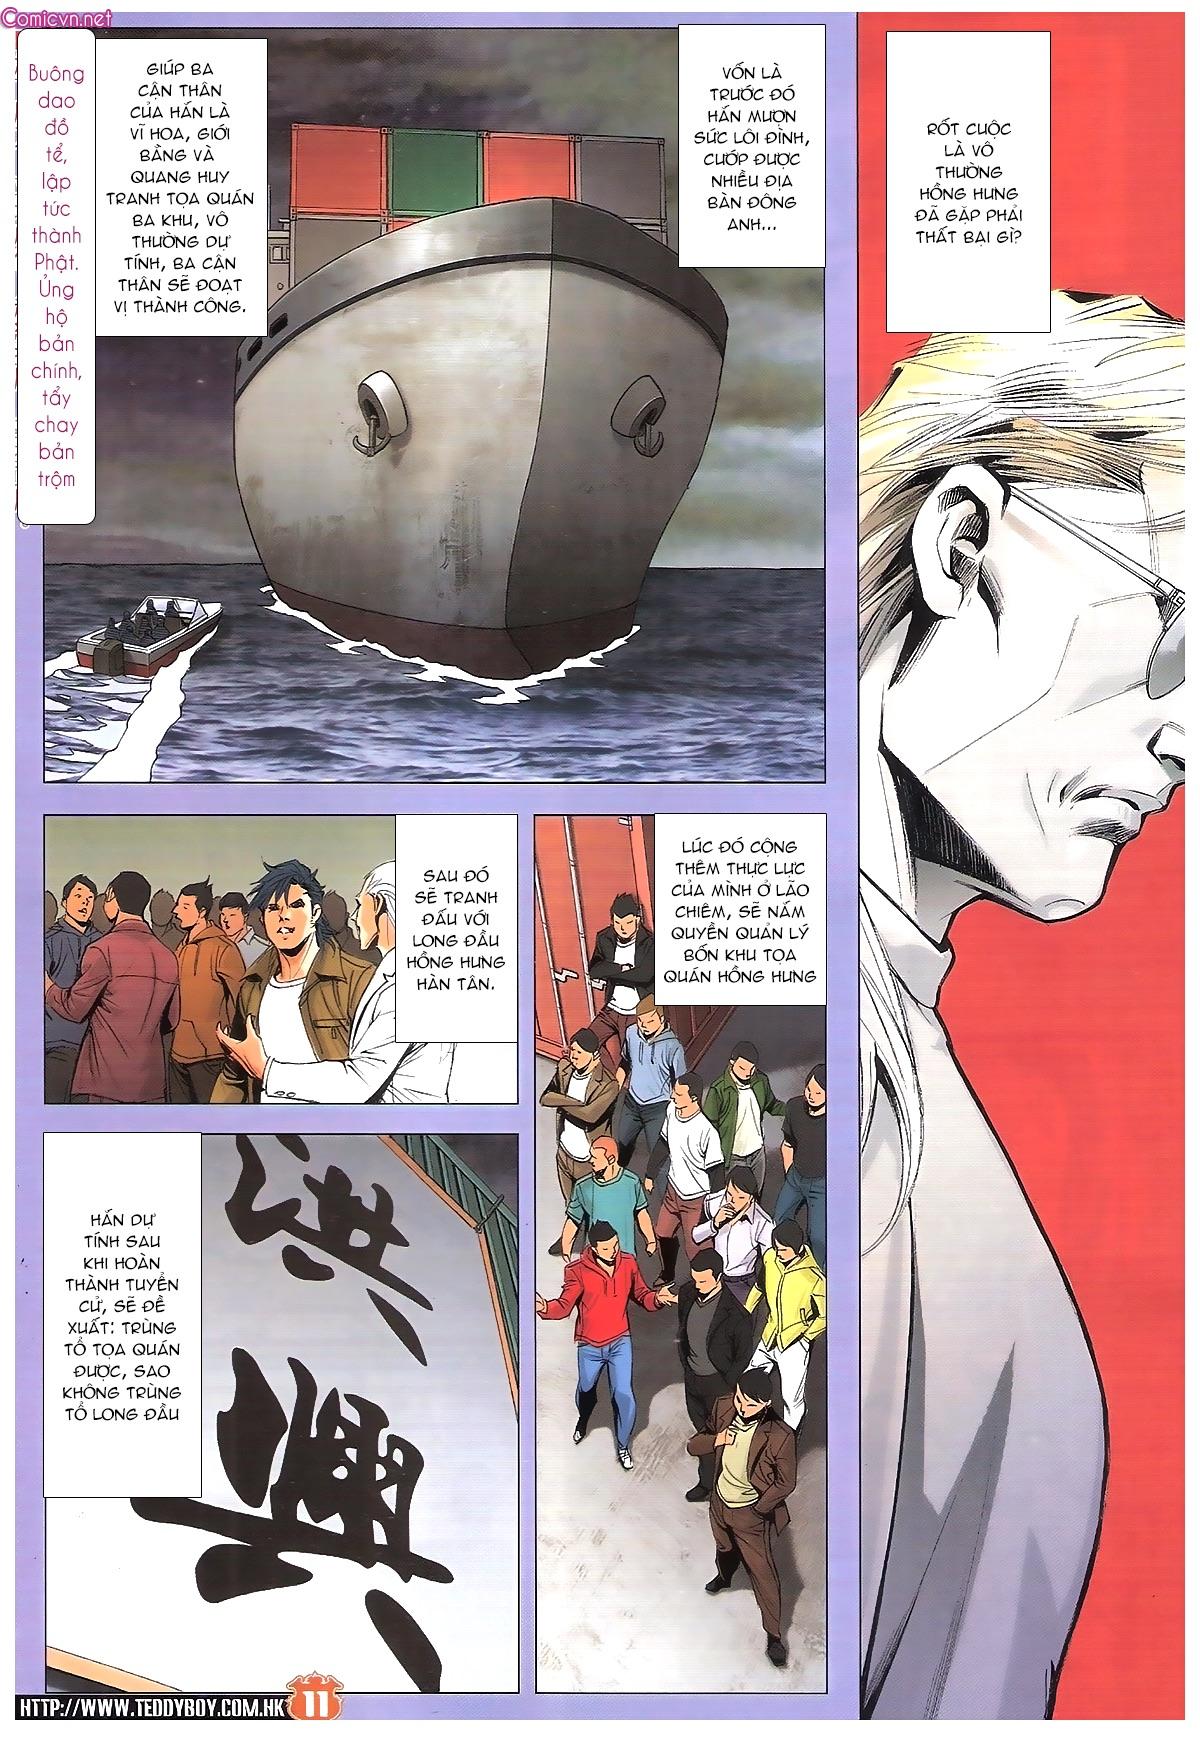 Người Trong Giang Hồ - Hồng Hưng Độc Xà chap 1887 - Trang 10